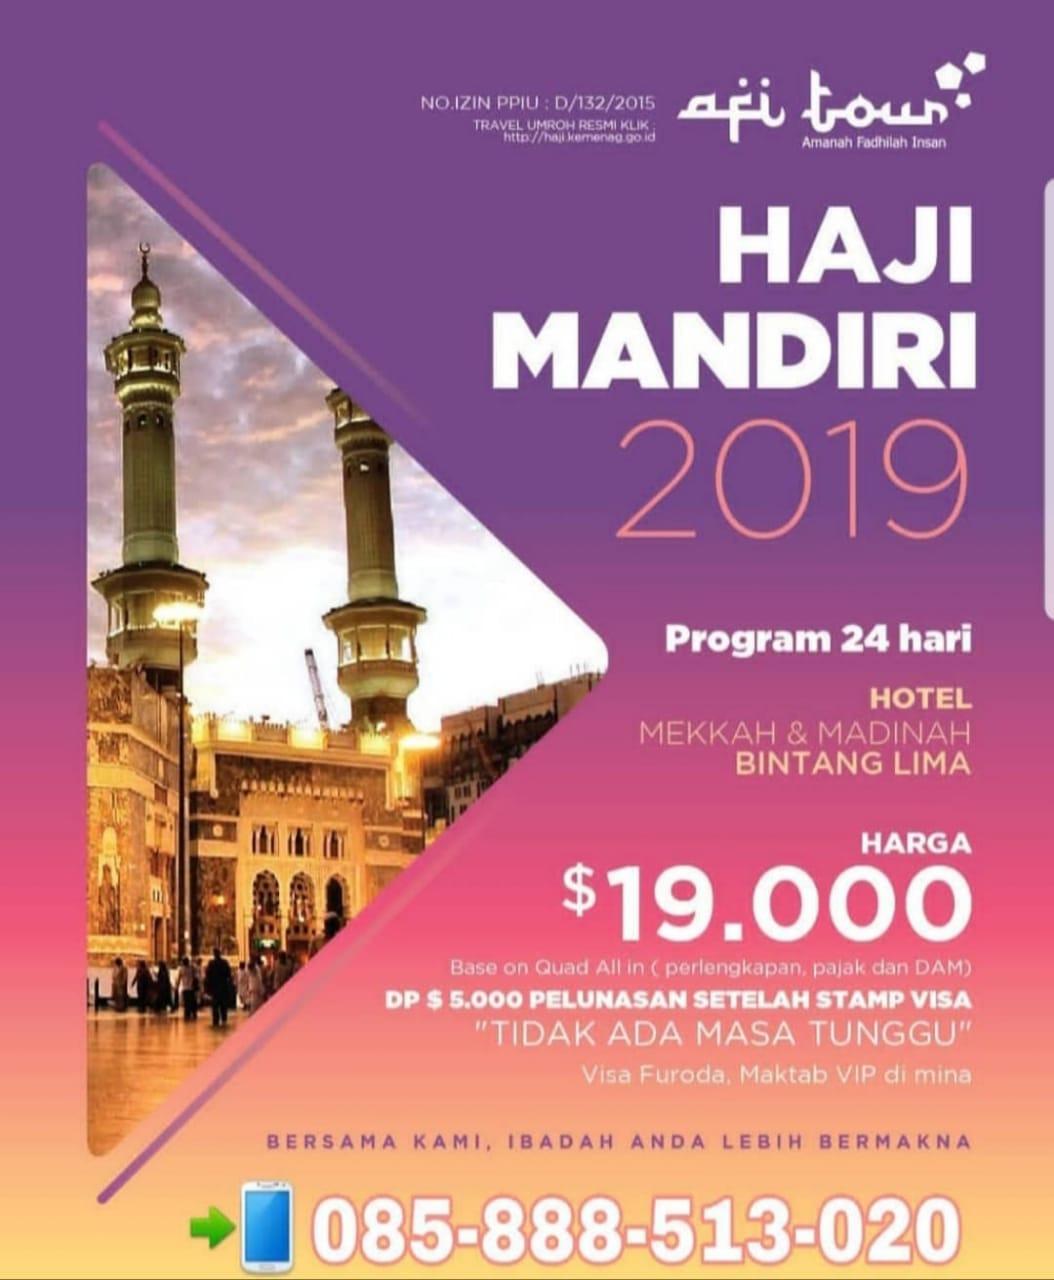 Haji Mandiri 2019